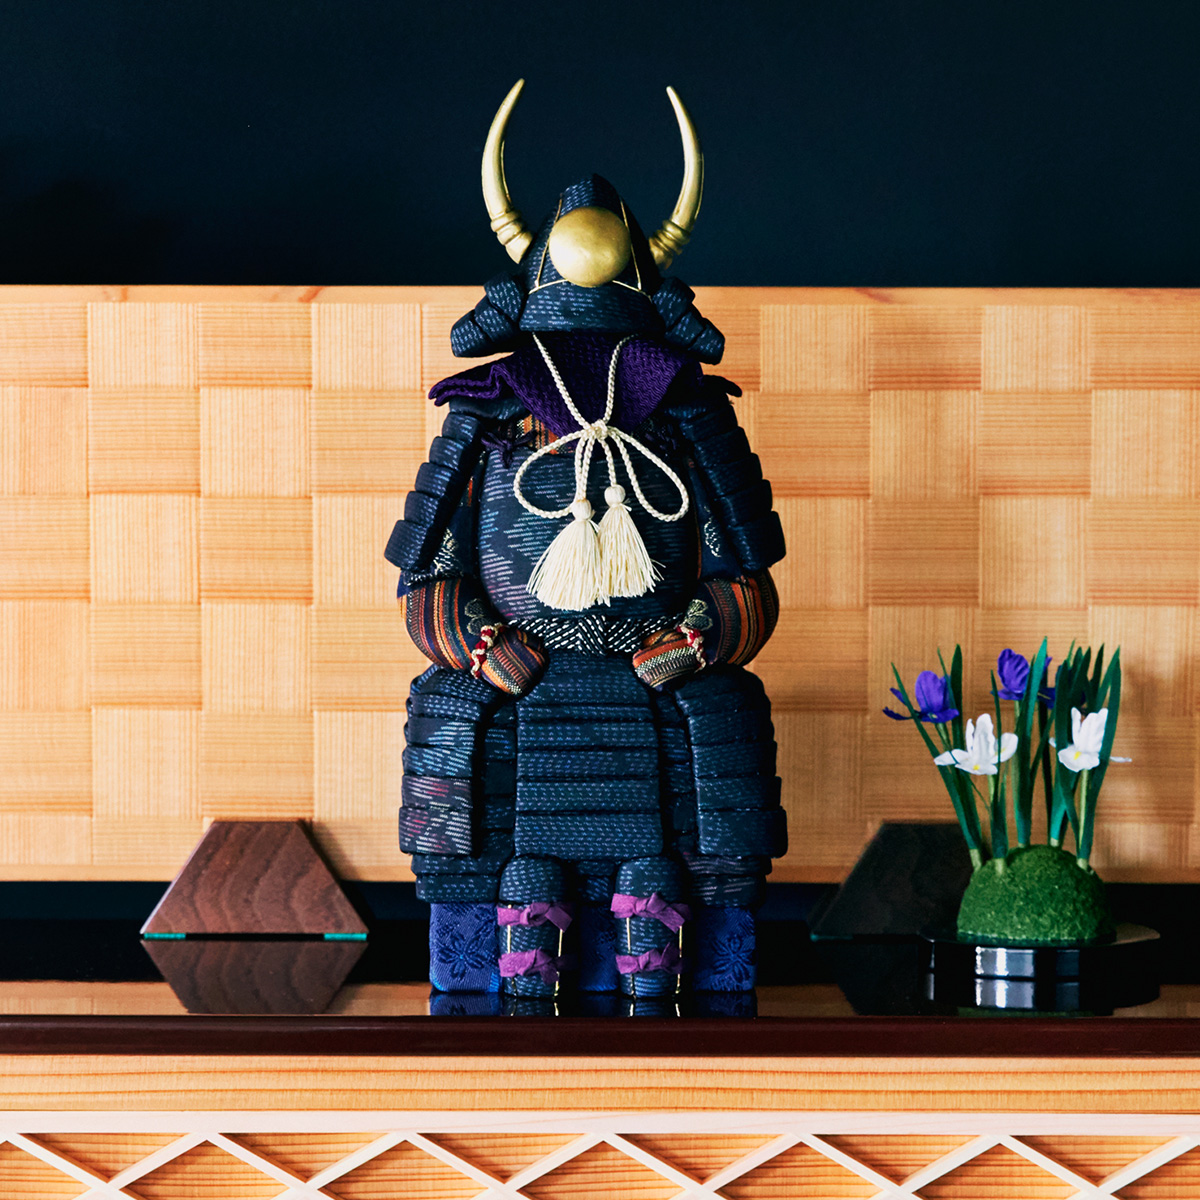 柿沼 東光(経済産業大臣認定伝統工芸士)× 大沼 敦(工業デザイナー)によるモダンなアレンジ。日本伝統工芸をコンパクト・モダンに。リビングや玄関に飾れる「プレミアム鎧飾り・五月人形」